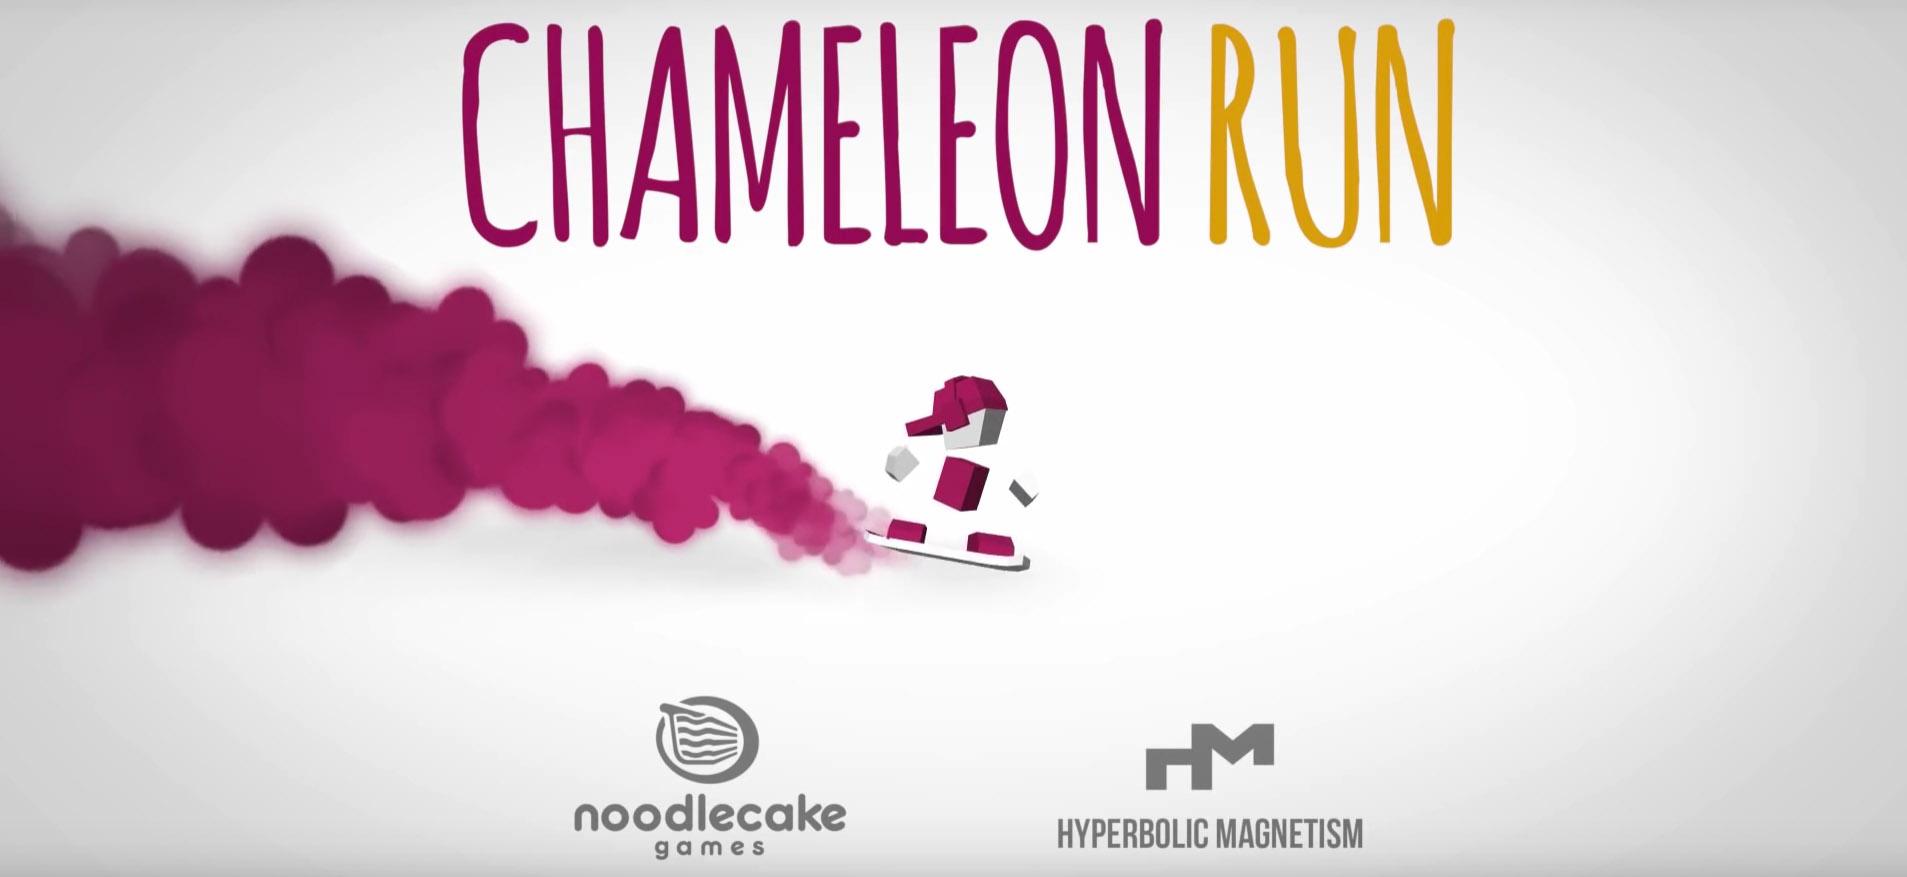 Descargar Chameleon Run Android APK iOS